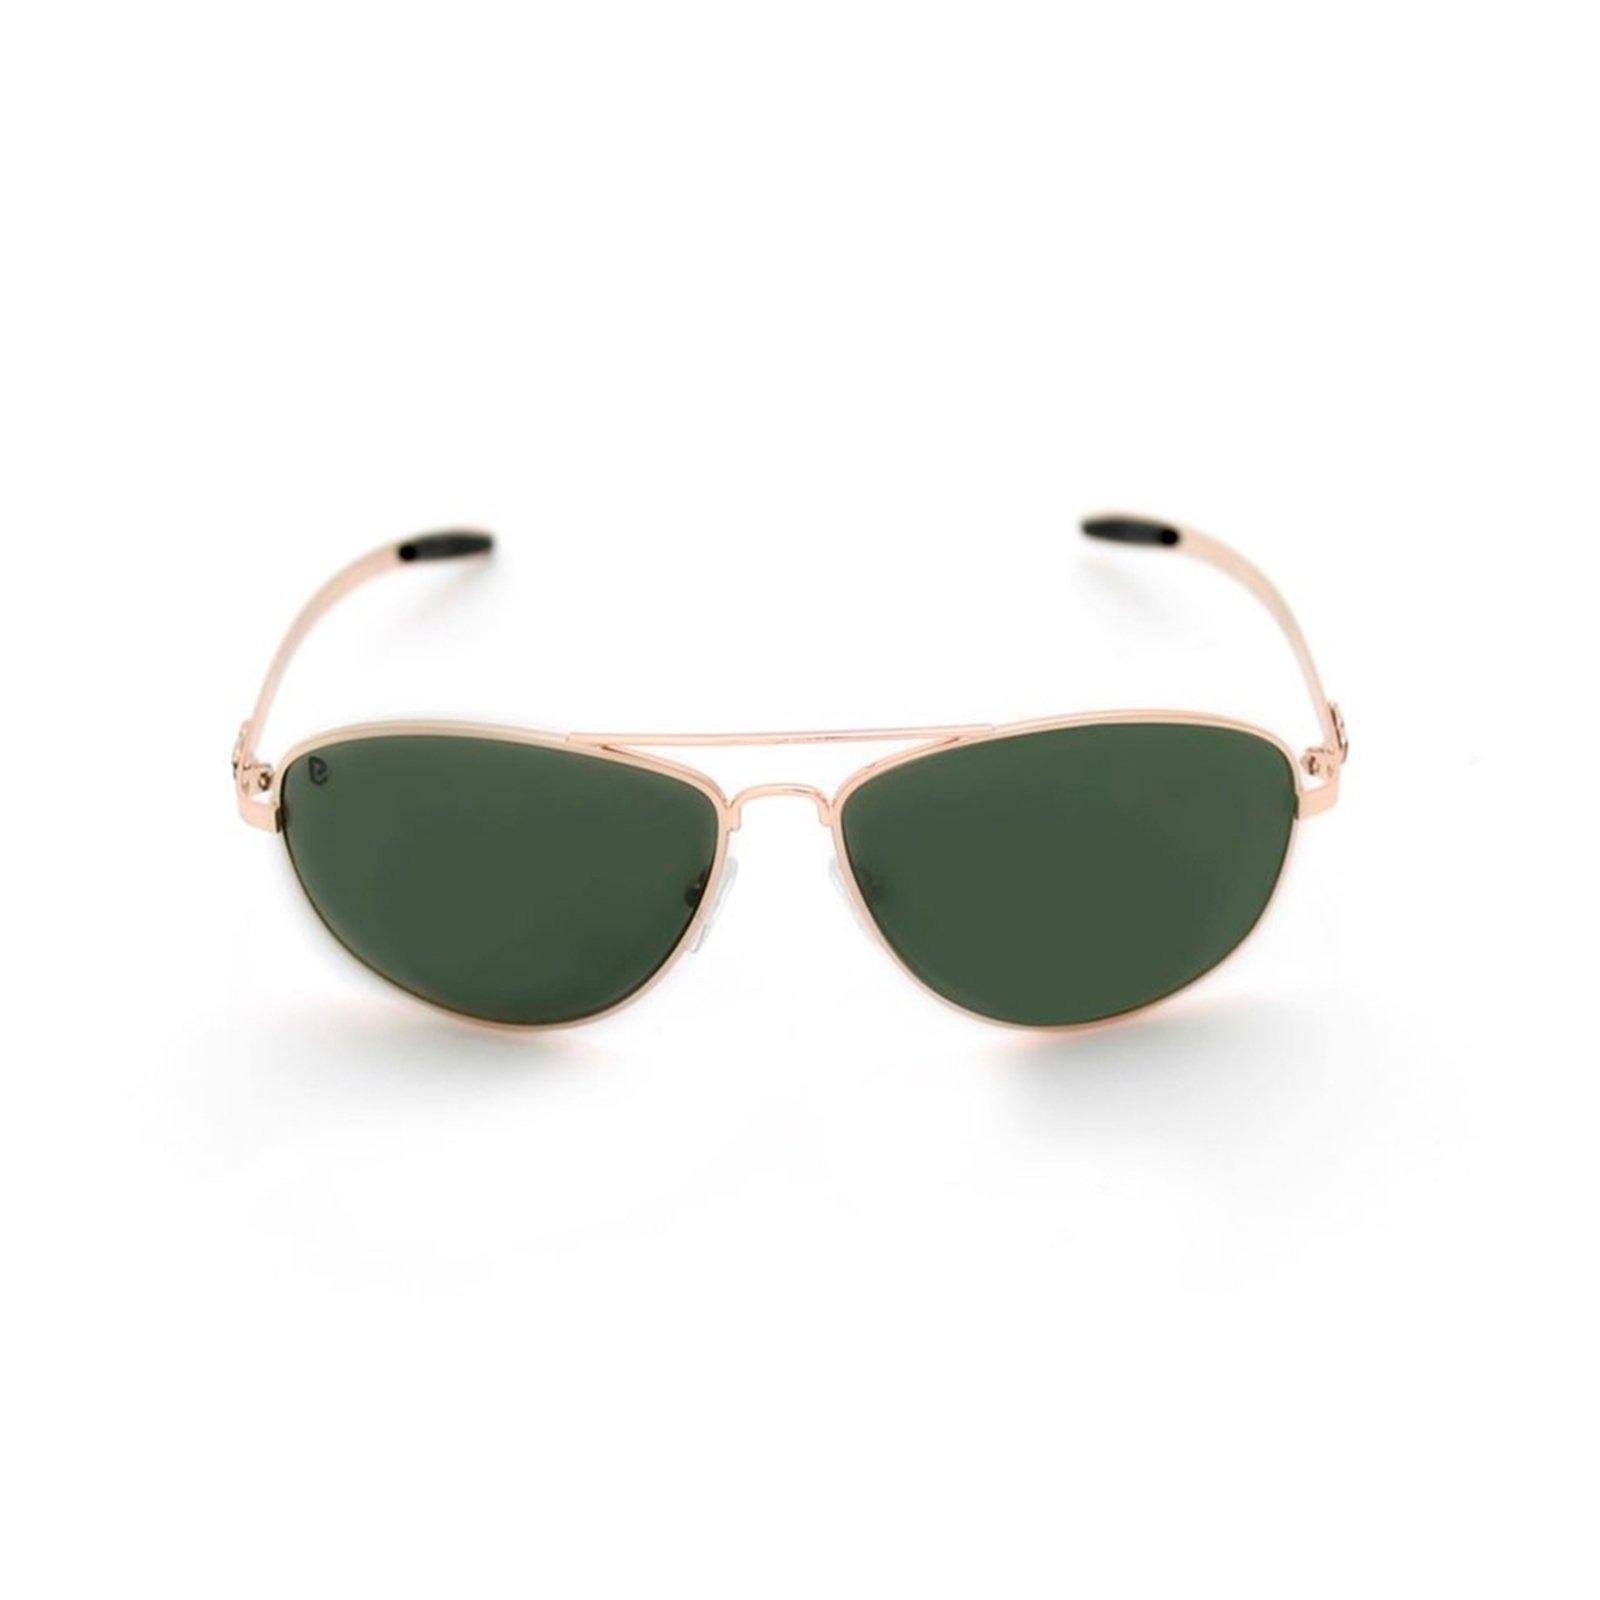 708e88703 Dicas para usar óculos de sol - Blog Kanui